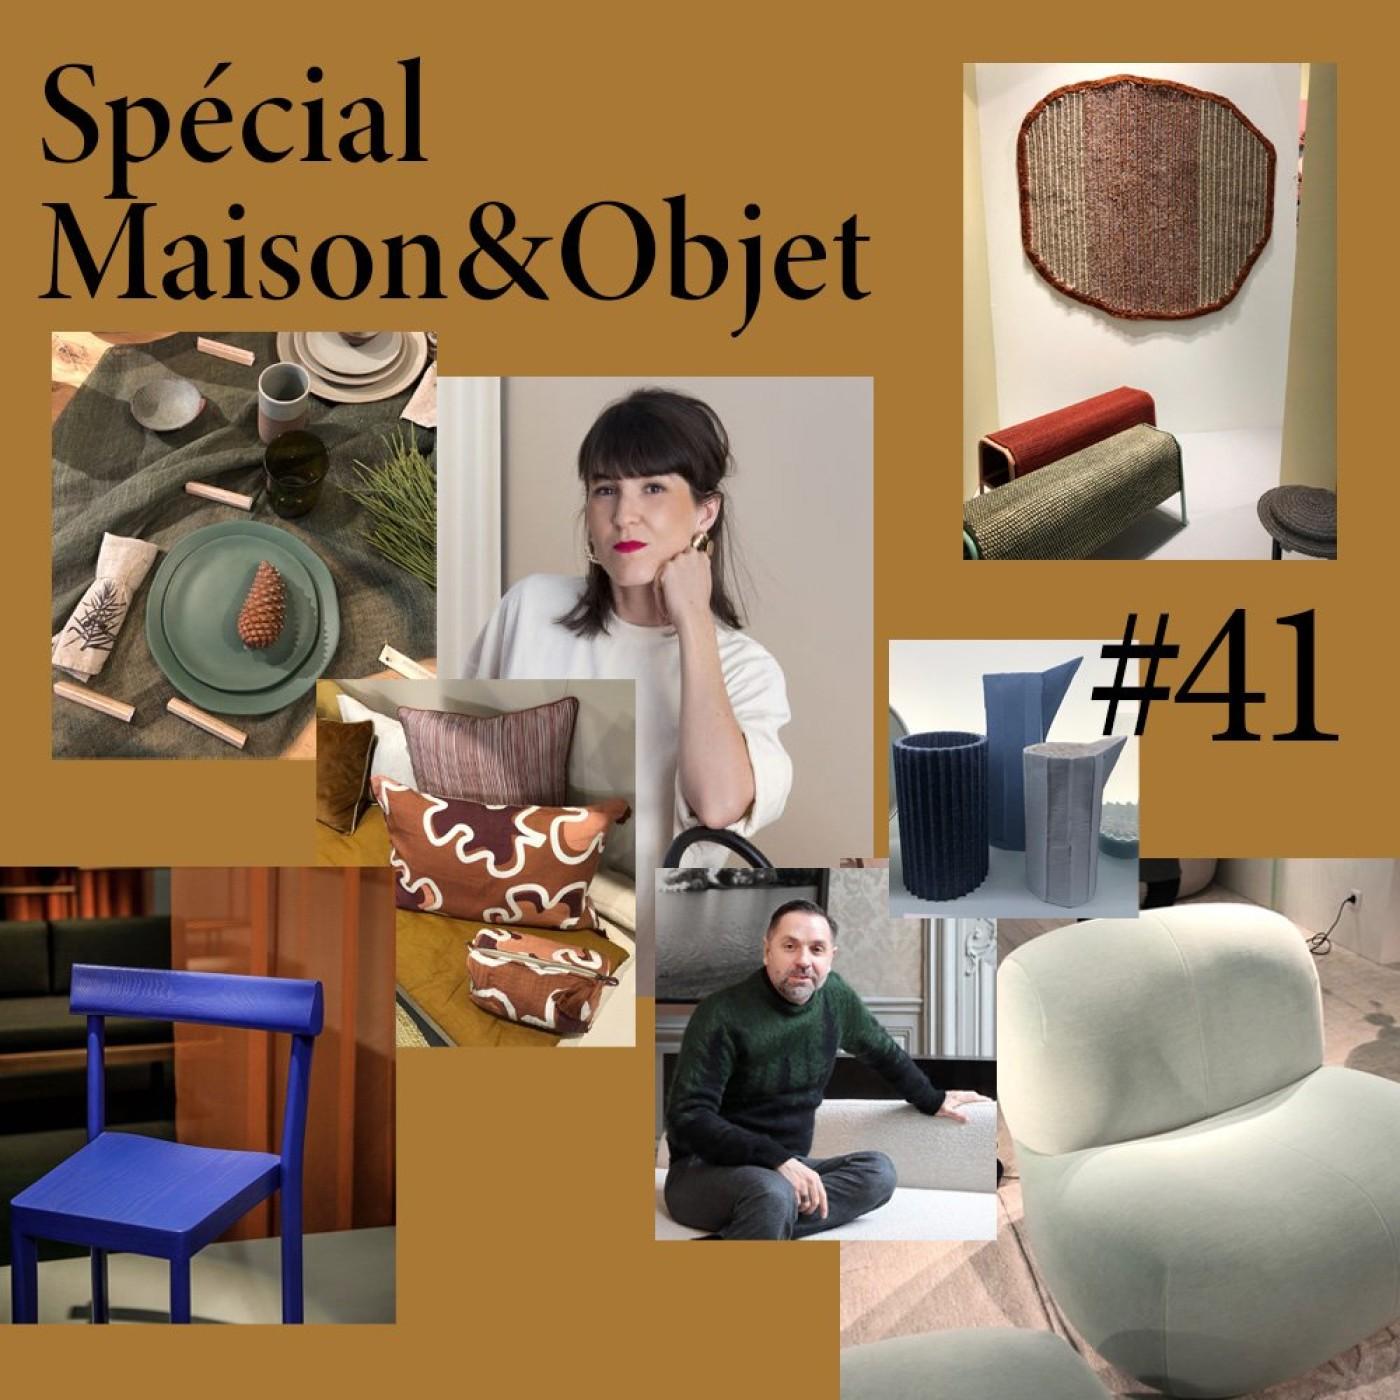 Spécial Maison&Objet : mon reportage en direct